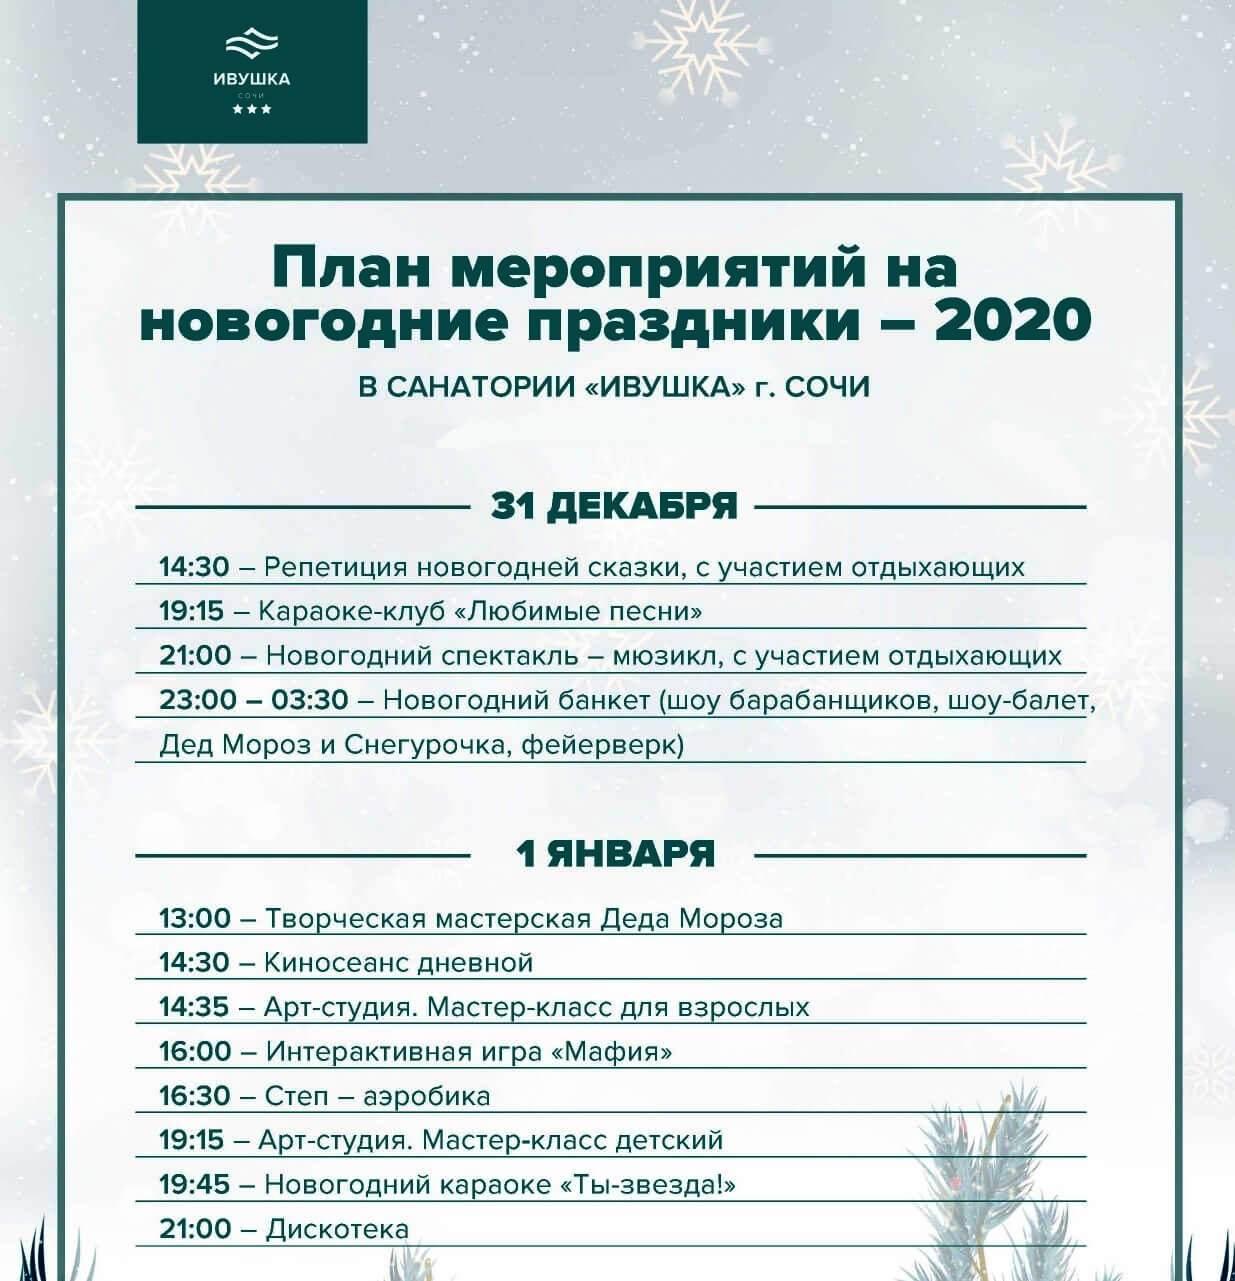 План мероприятий на новогодние праздники в санатории Ивушка